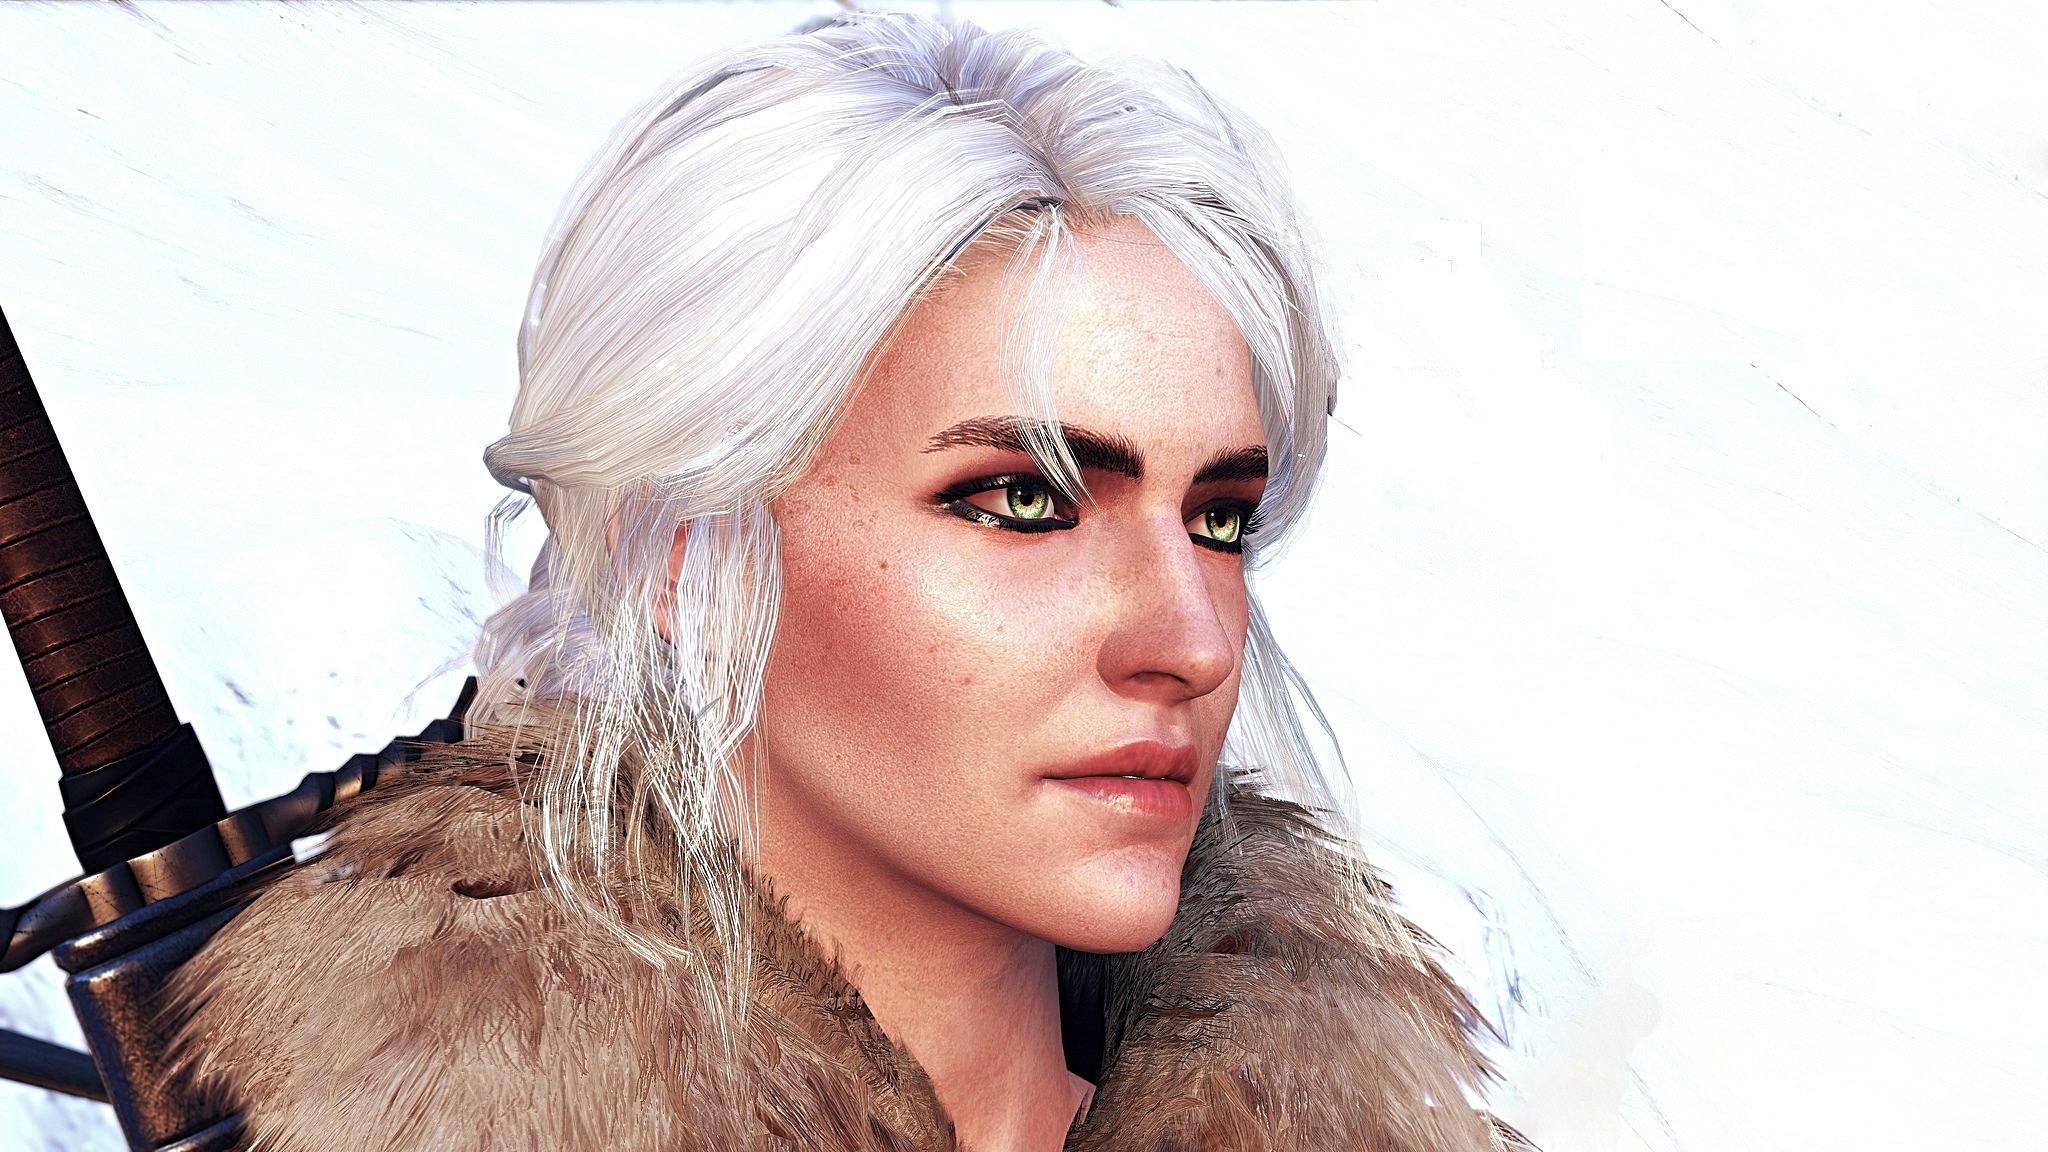 158298ttire585 (3).jpg - Witcher 3: Wild Hunt, the